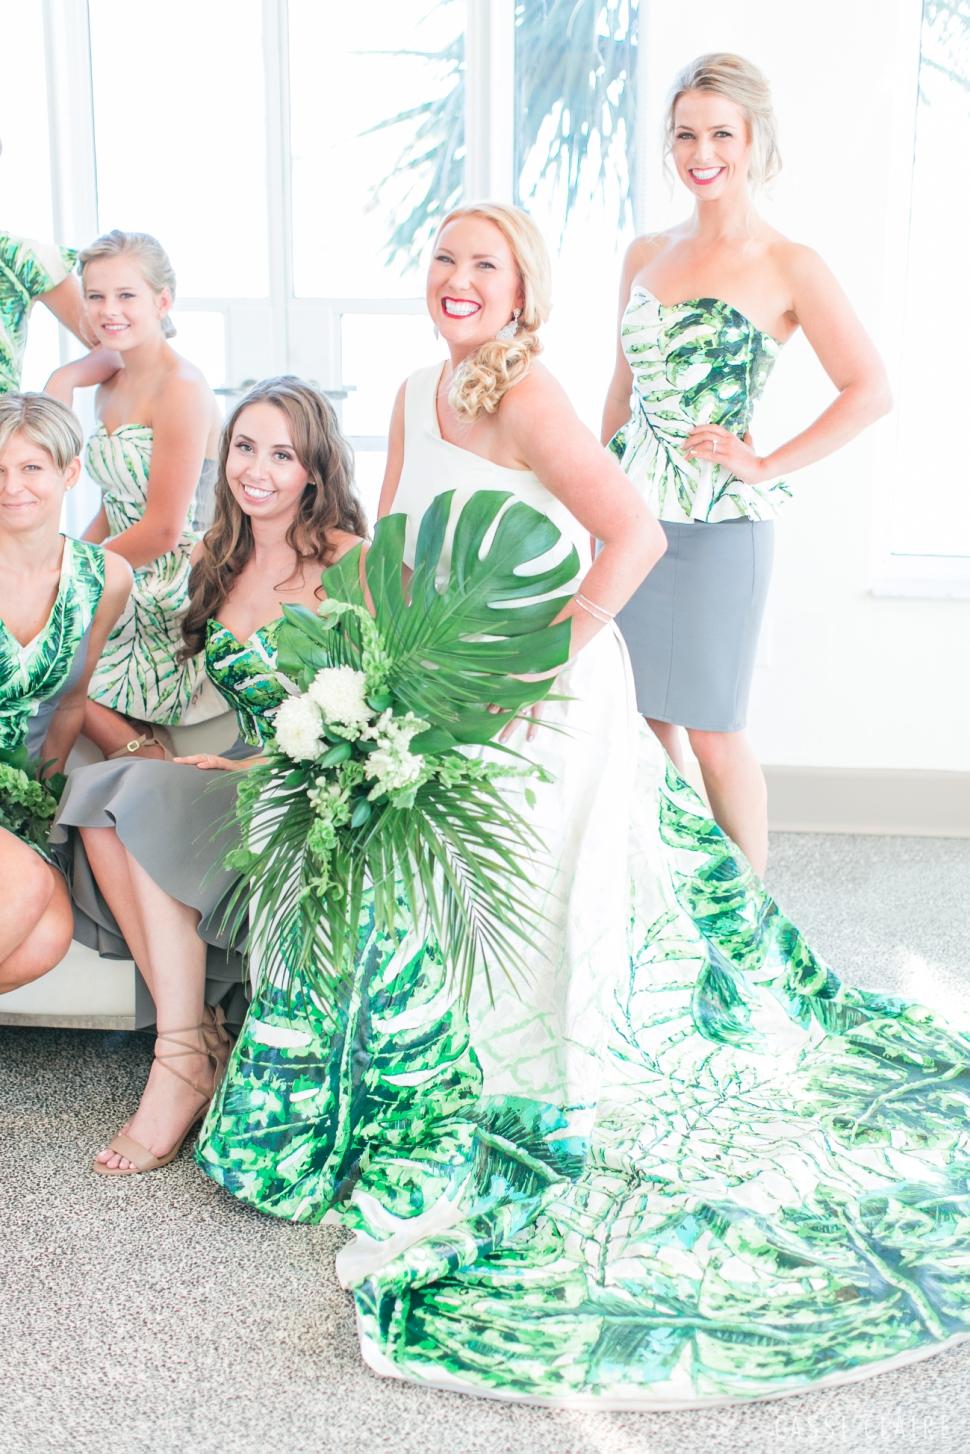 Mansion-at-Tuckahoe-Wedding-Jensen-Beach-Florida_023.jpg